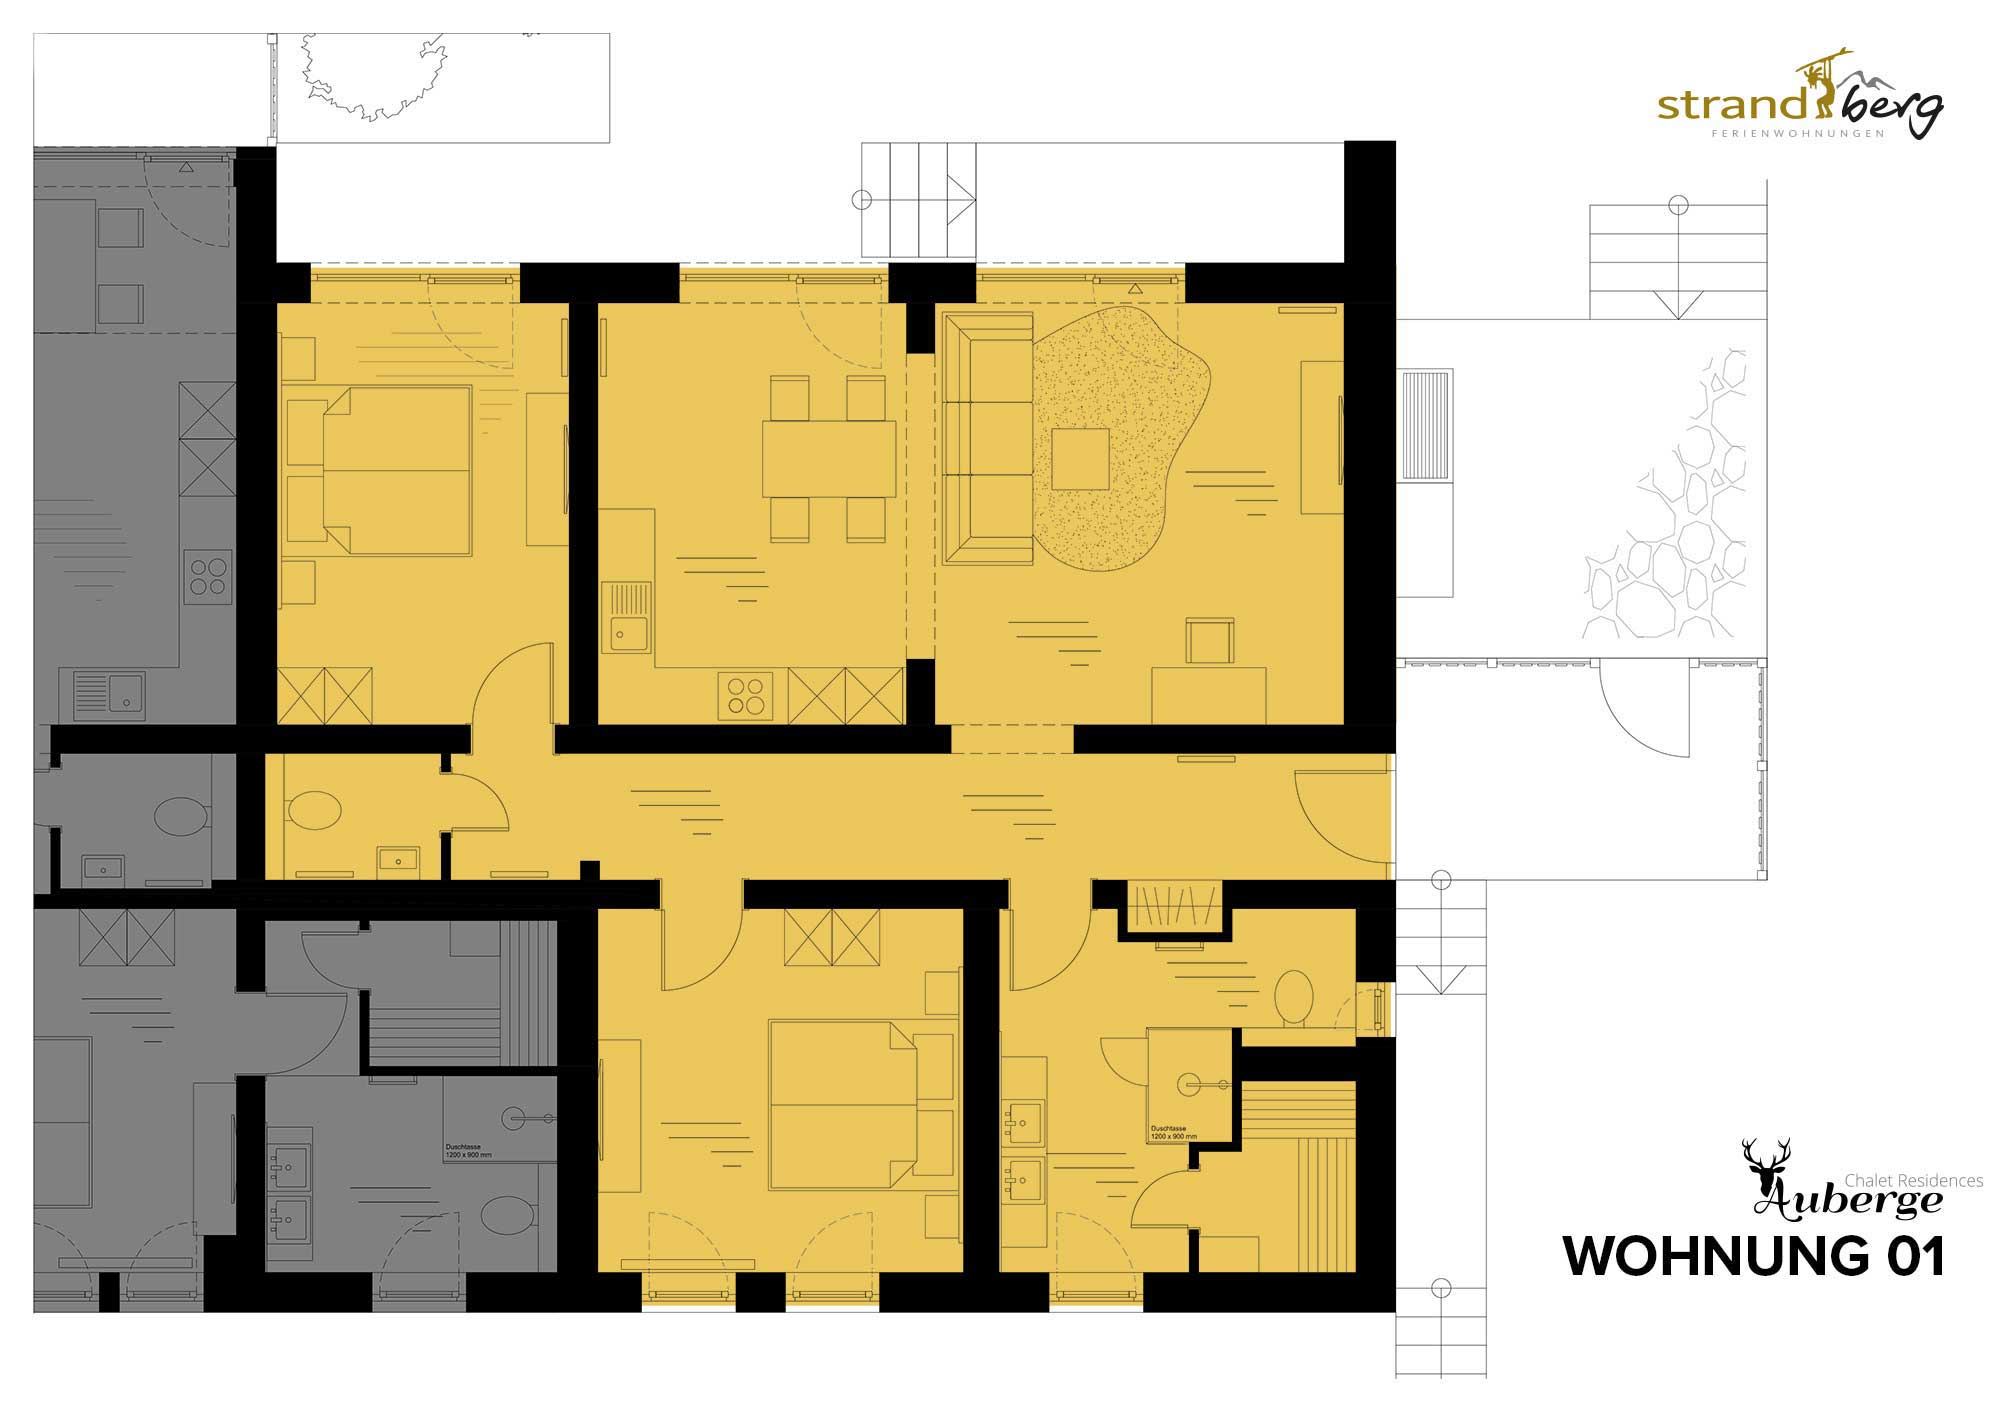 Wohnung 01 Grundriss